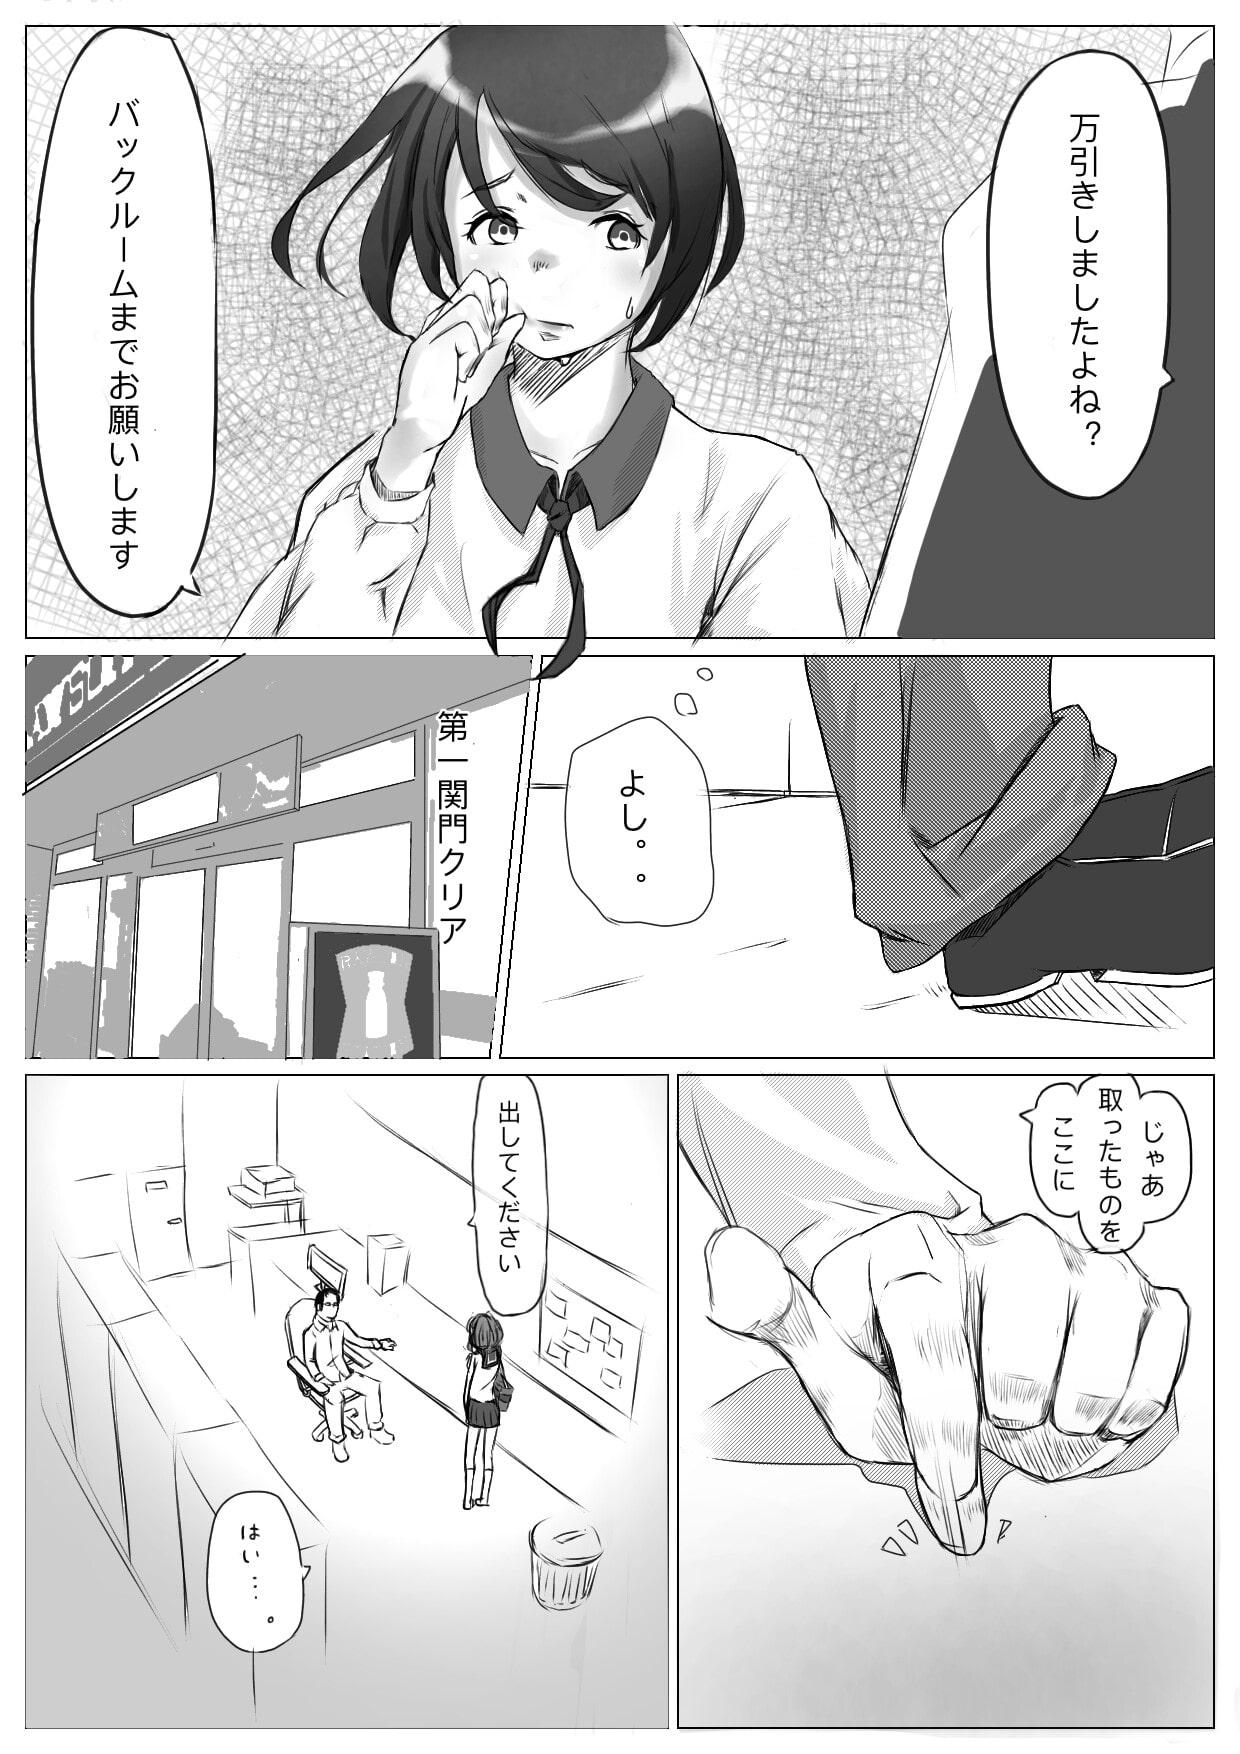 RJ341719 万引き女子○生調教話 [20210918]